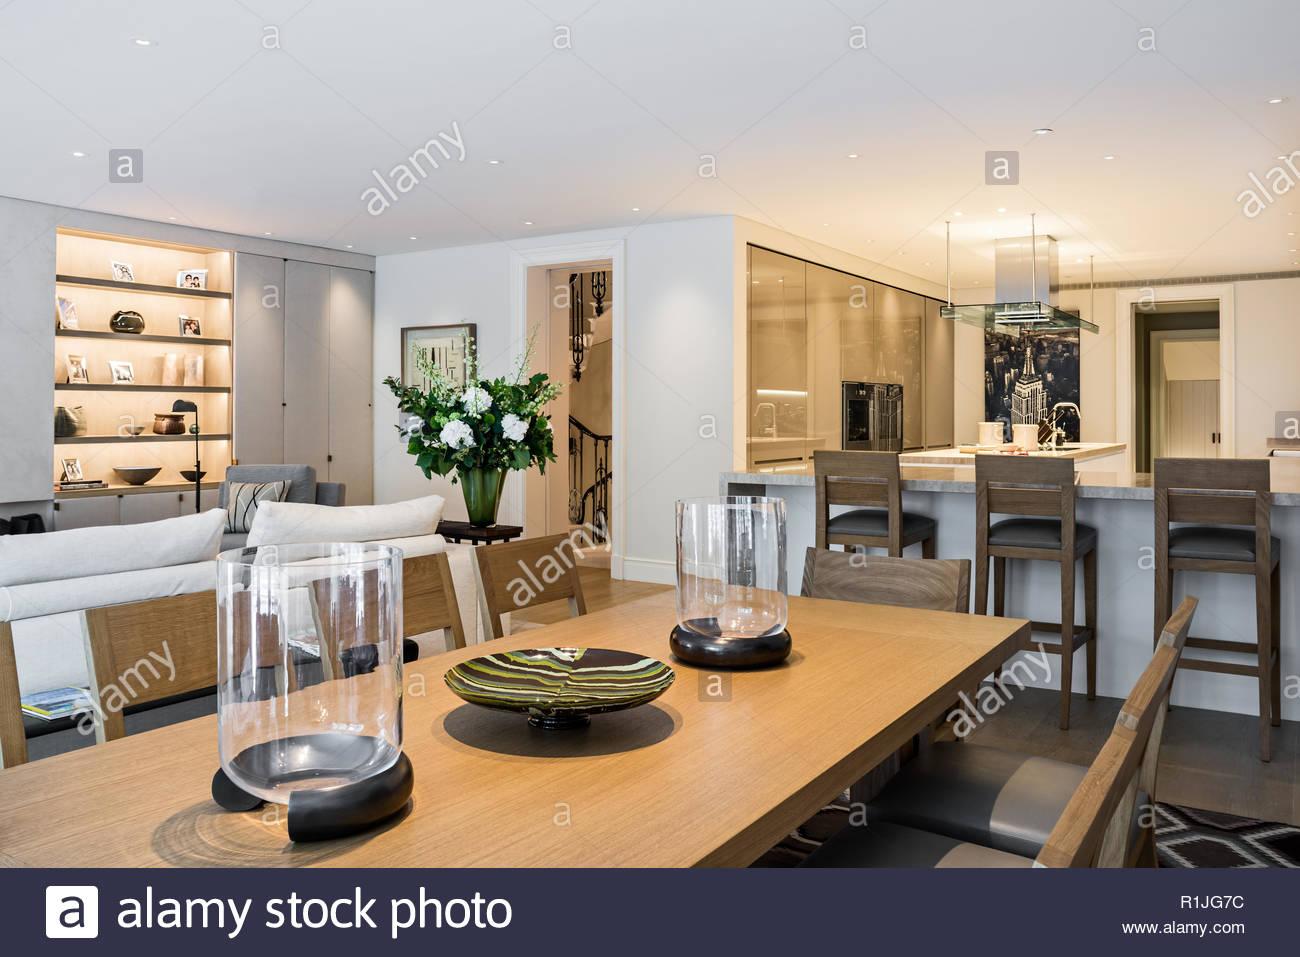 Landhausstil Offenen Wohnbereich Stockfoto Bild 224757328 Alamy